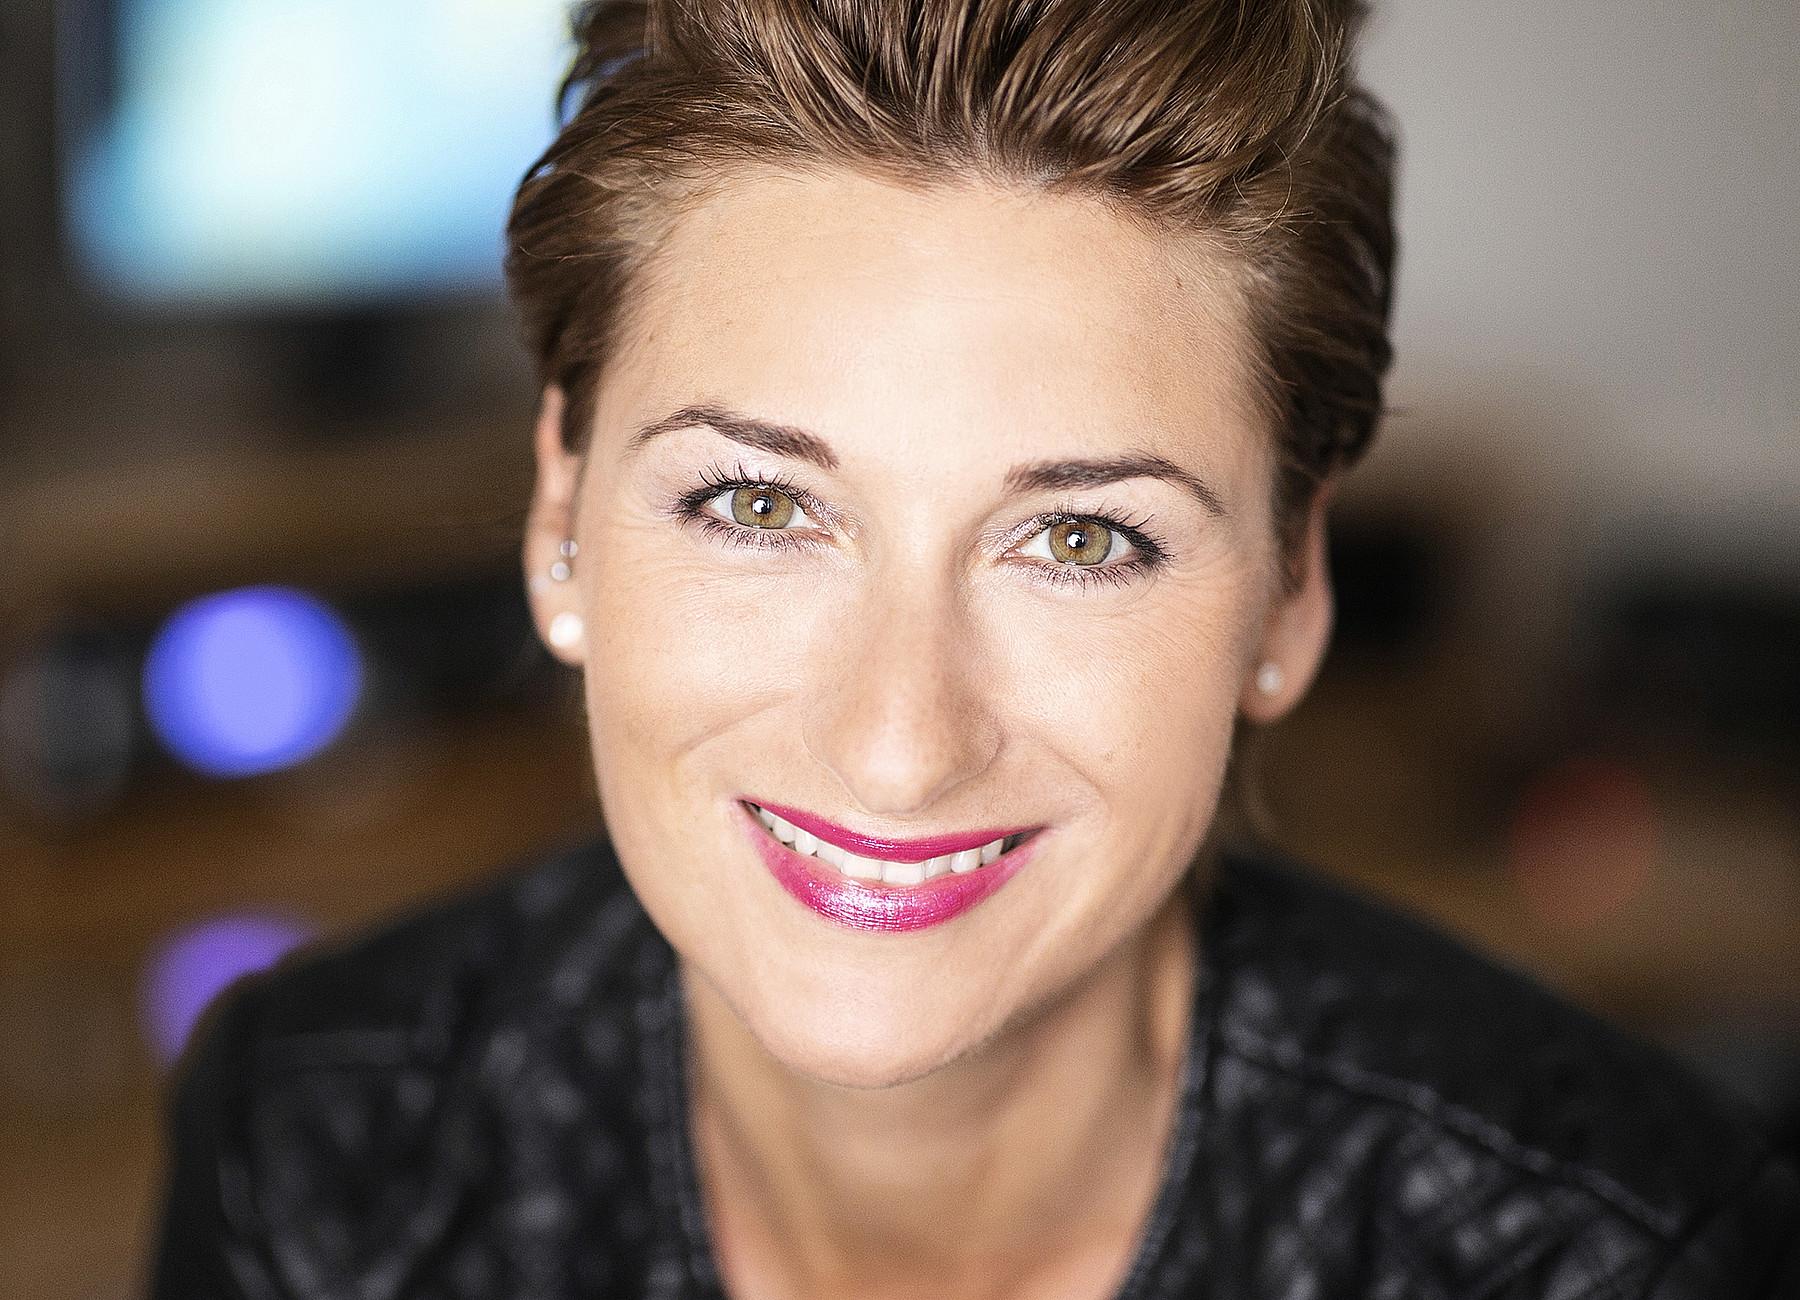 Nadine Hofmeier